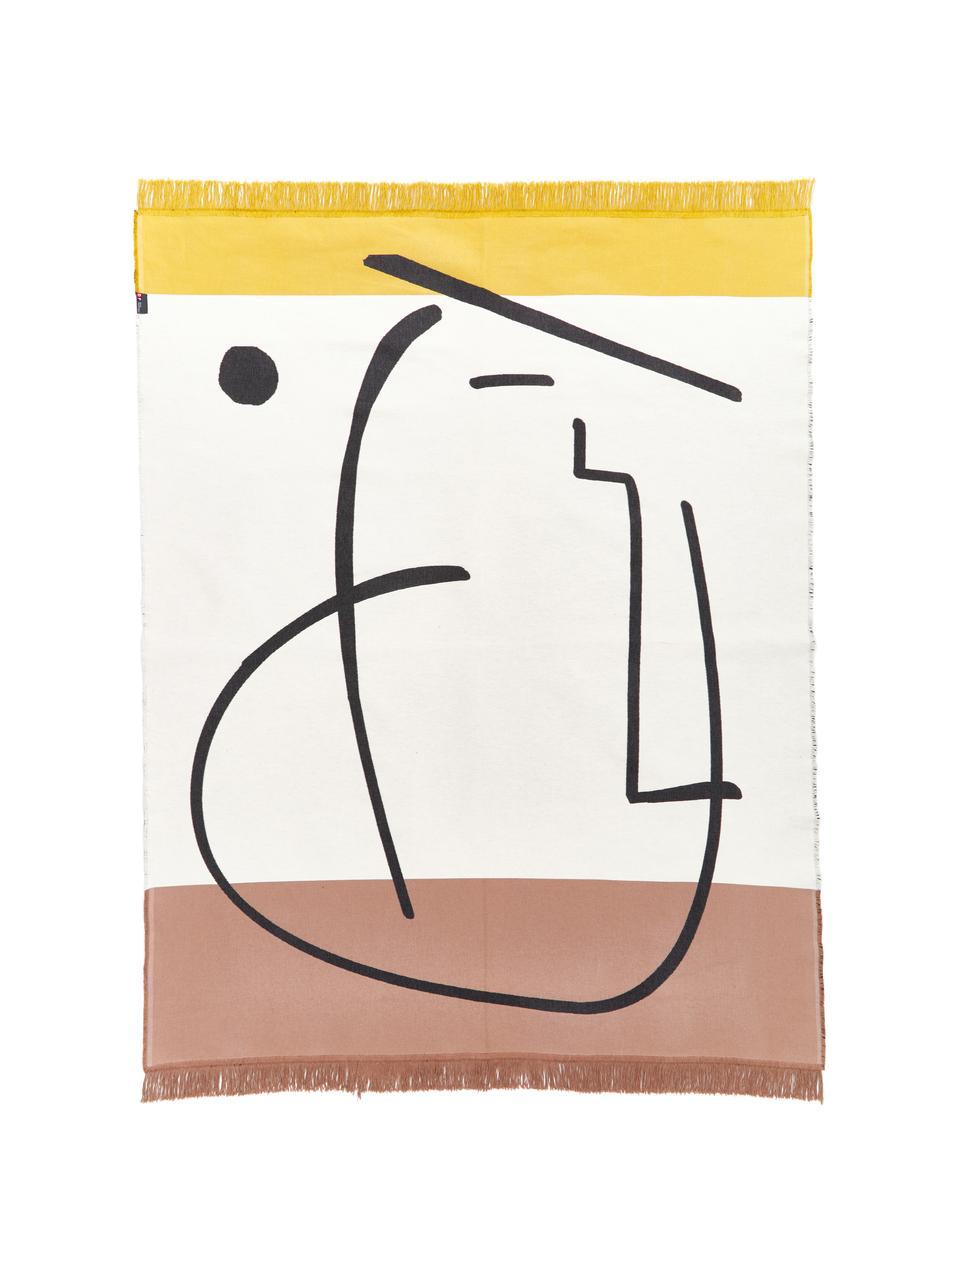 Teppich Goliath Gesicht mit Fransen und geometrischem Muster, 150x200cm, 100% recycelte Baumwolle, Mehrfarbig, B 150 x L 200 cm (Größe S)